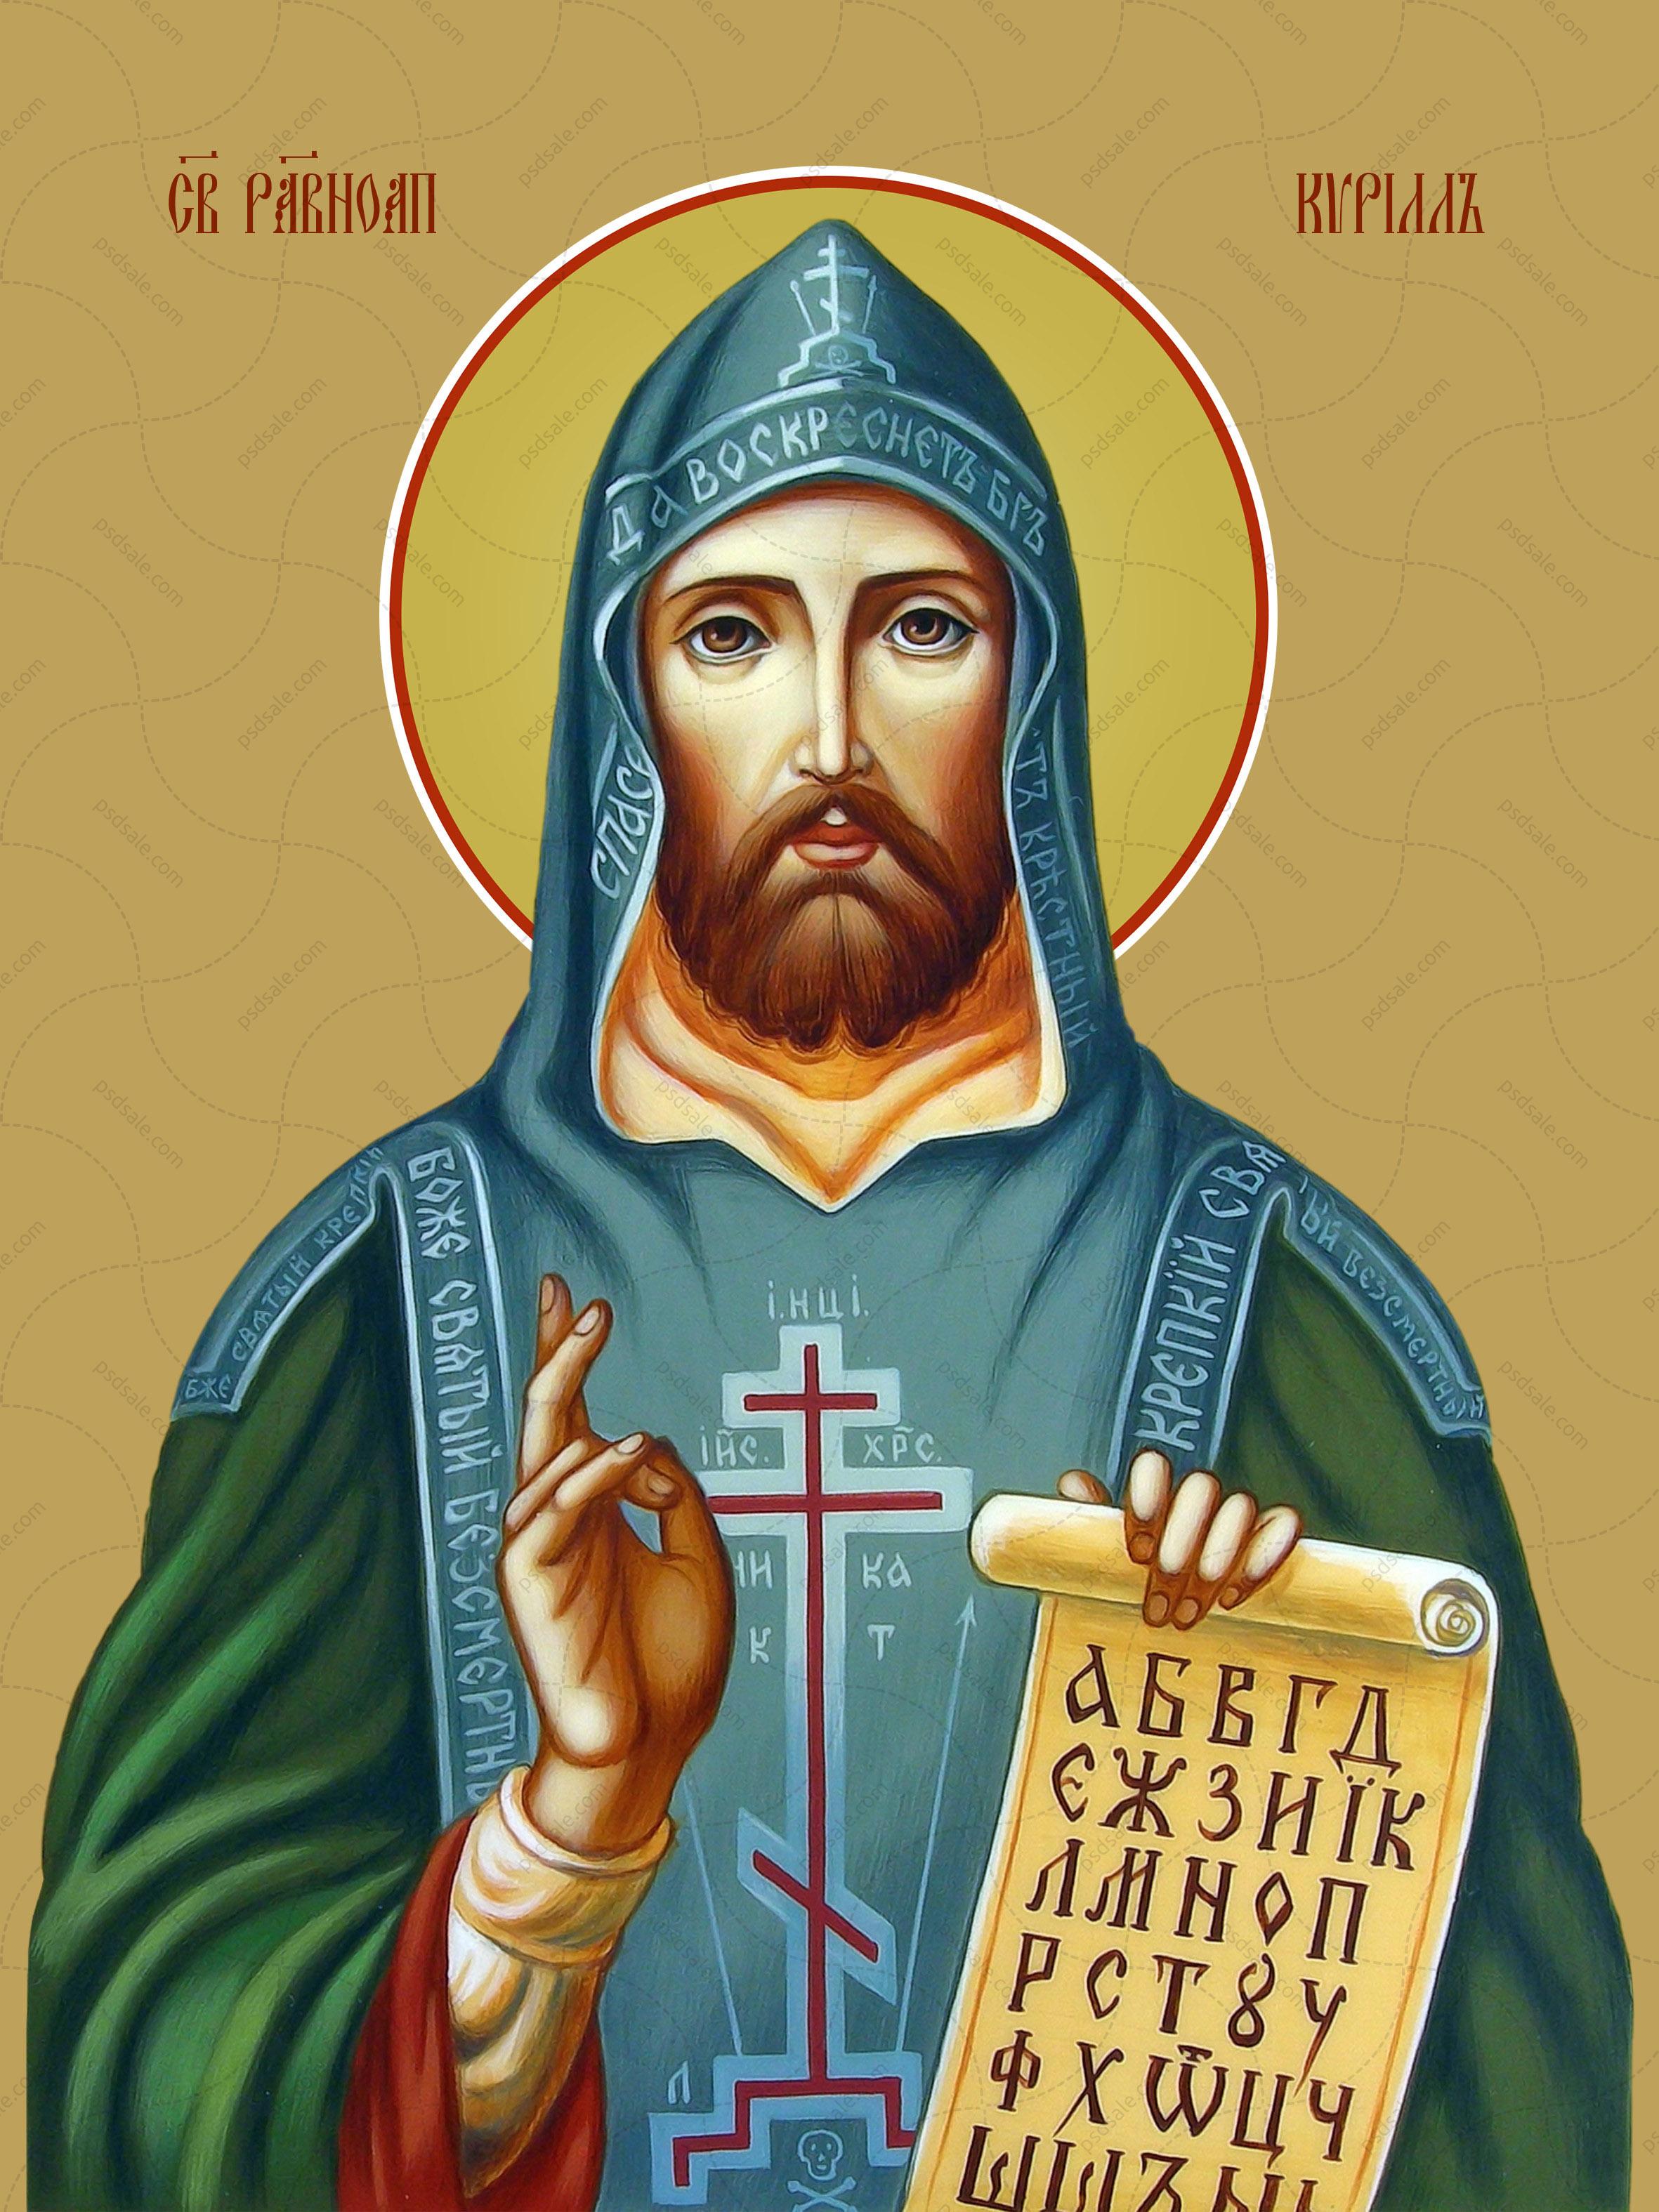 Кирилл, святой